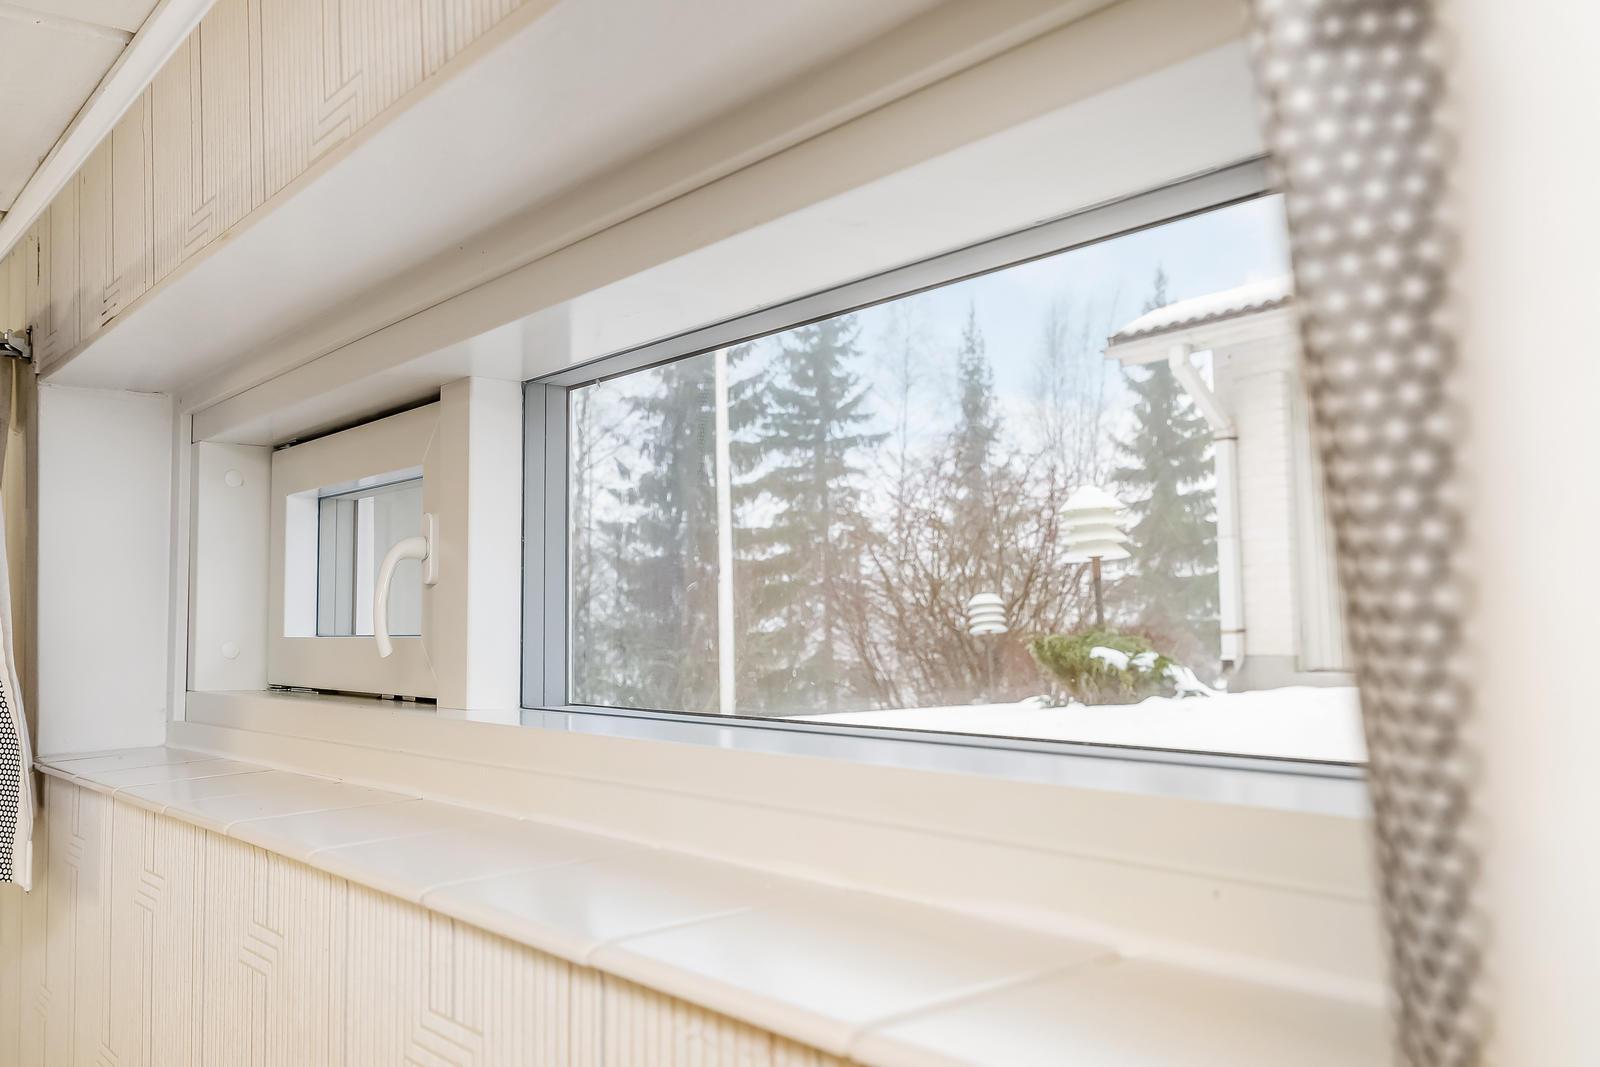 Makuuhuone matala ikkuna